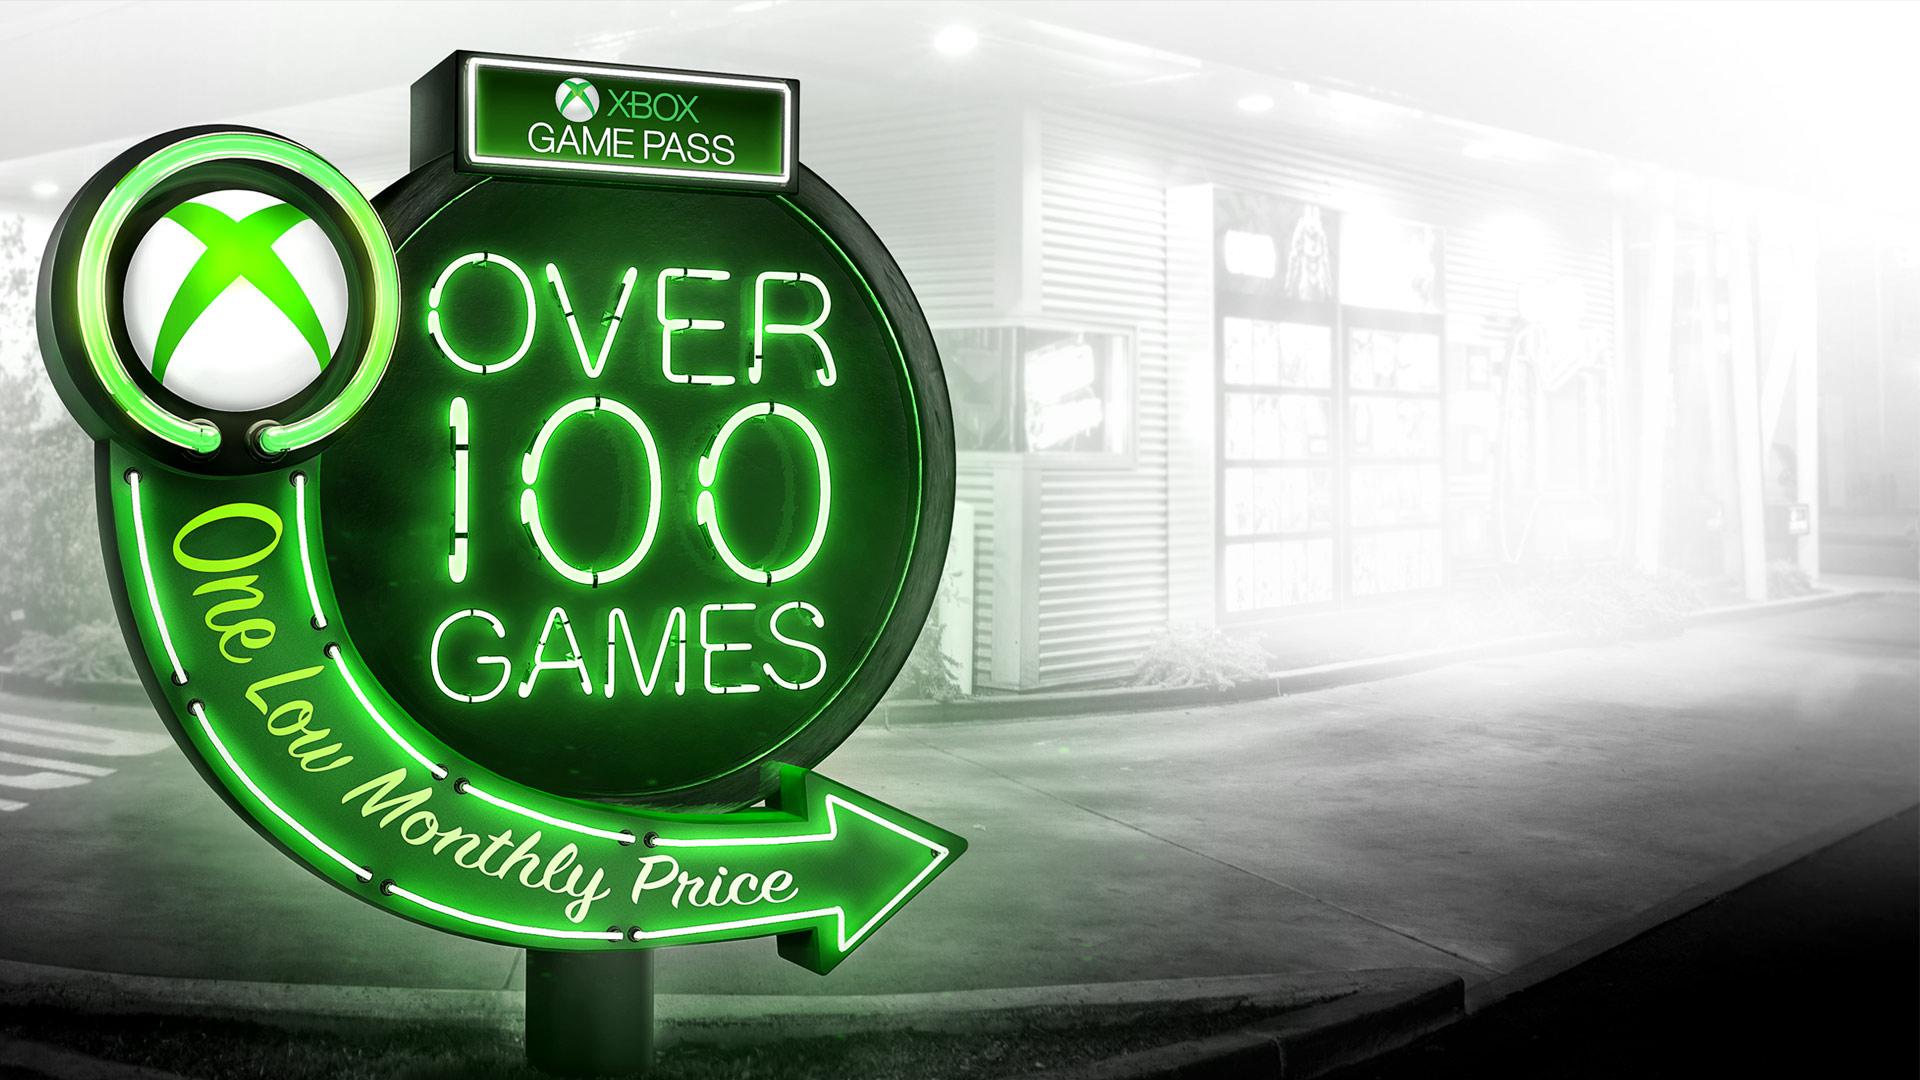 1000 codigos de Game Pass de 14 días, puedes tener 1 mes y medio Gratis (Cuentas nuevas)